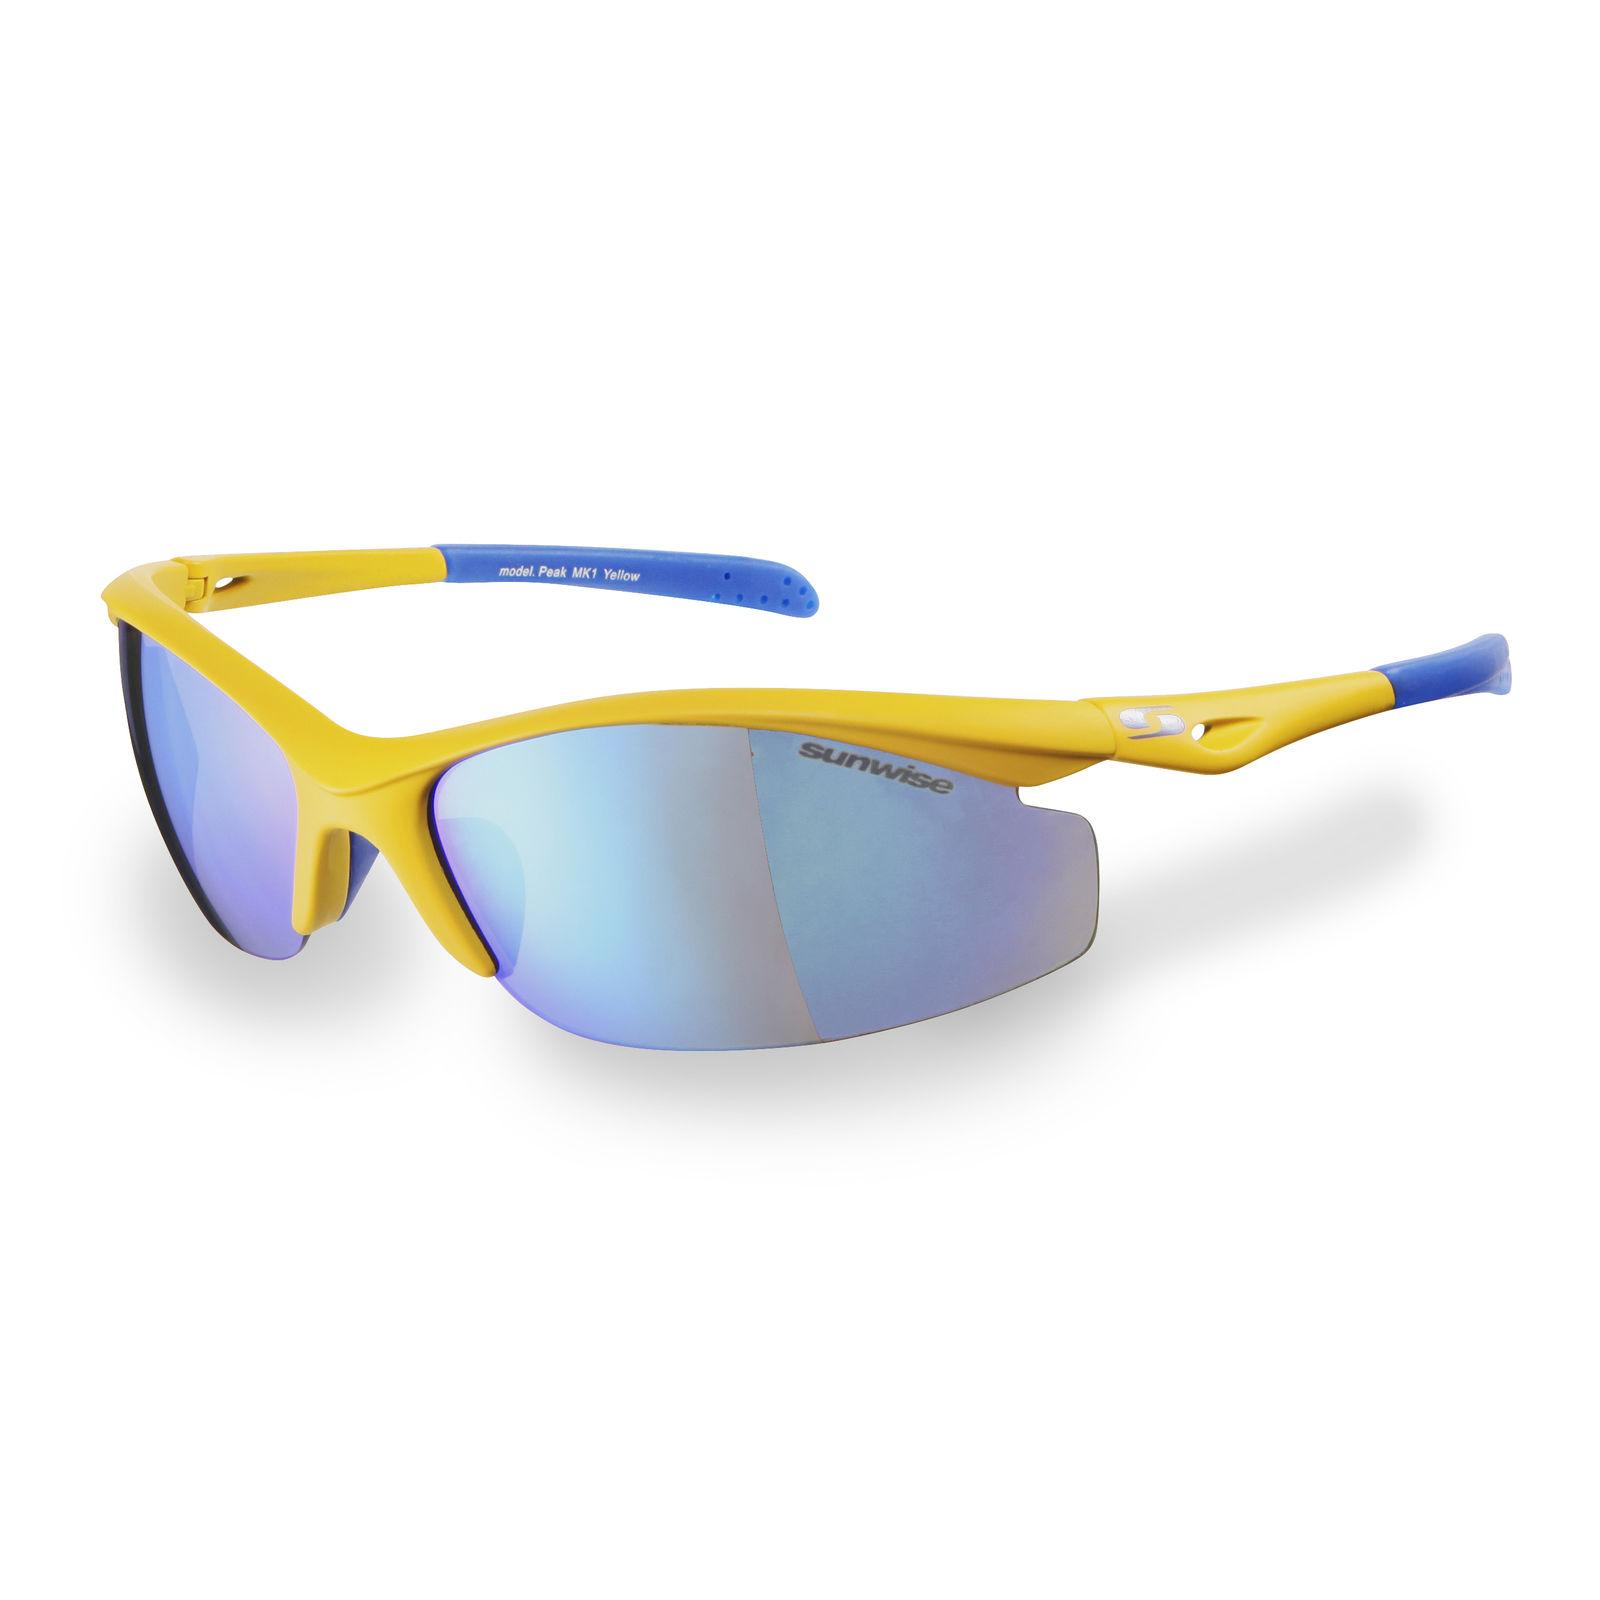 9a0856391f8 Sunwise peak yellow sunglasses cycling world JPG 1600x1600 Sports eyewear